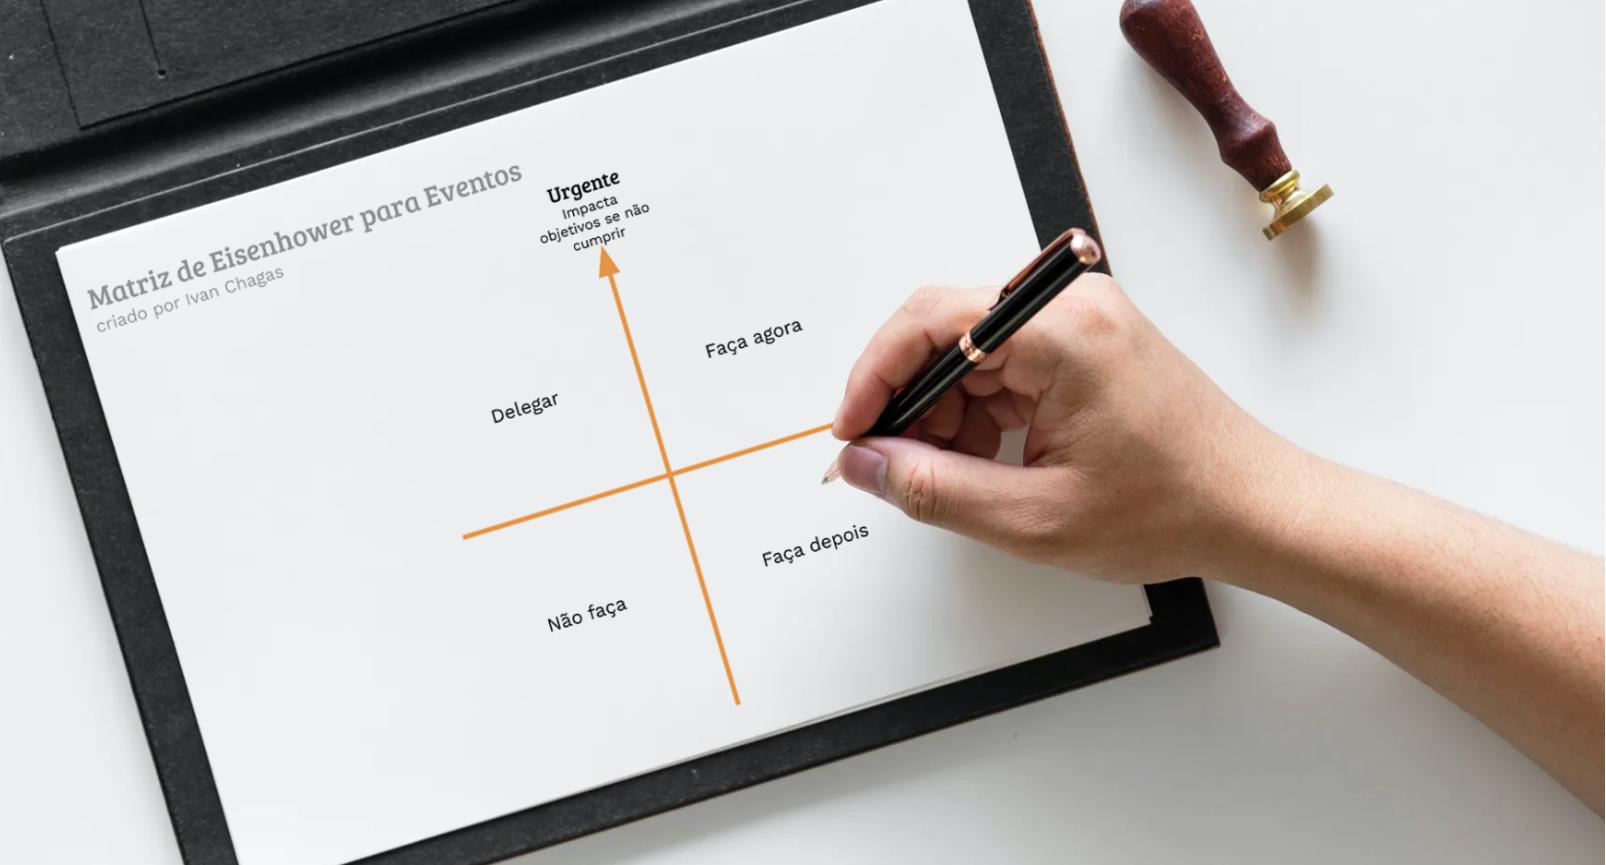 Einsenhower para Eventos: aprenda a priorizar suas tarefas e projetos com um modelo claro.